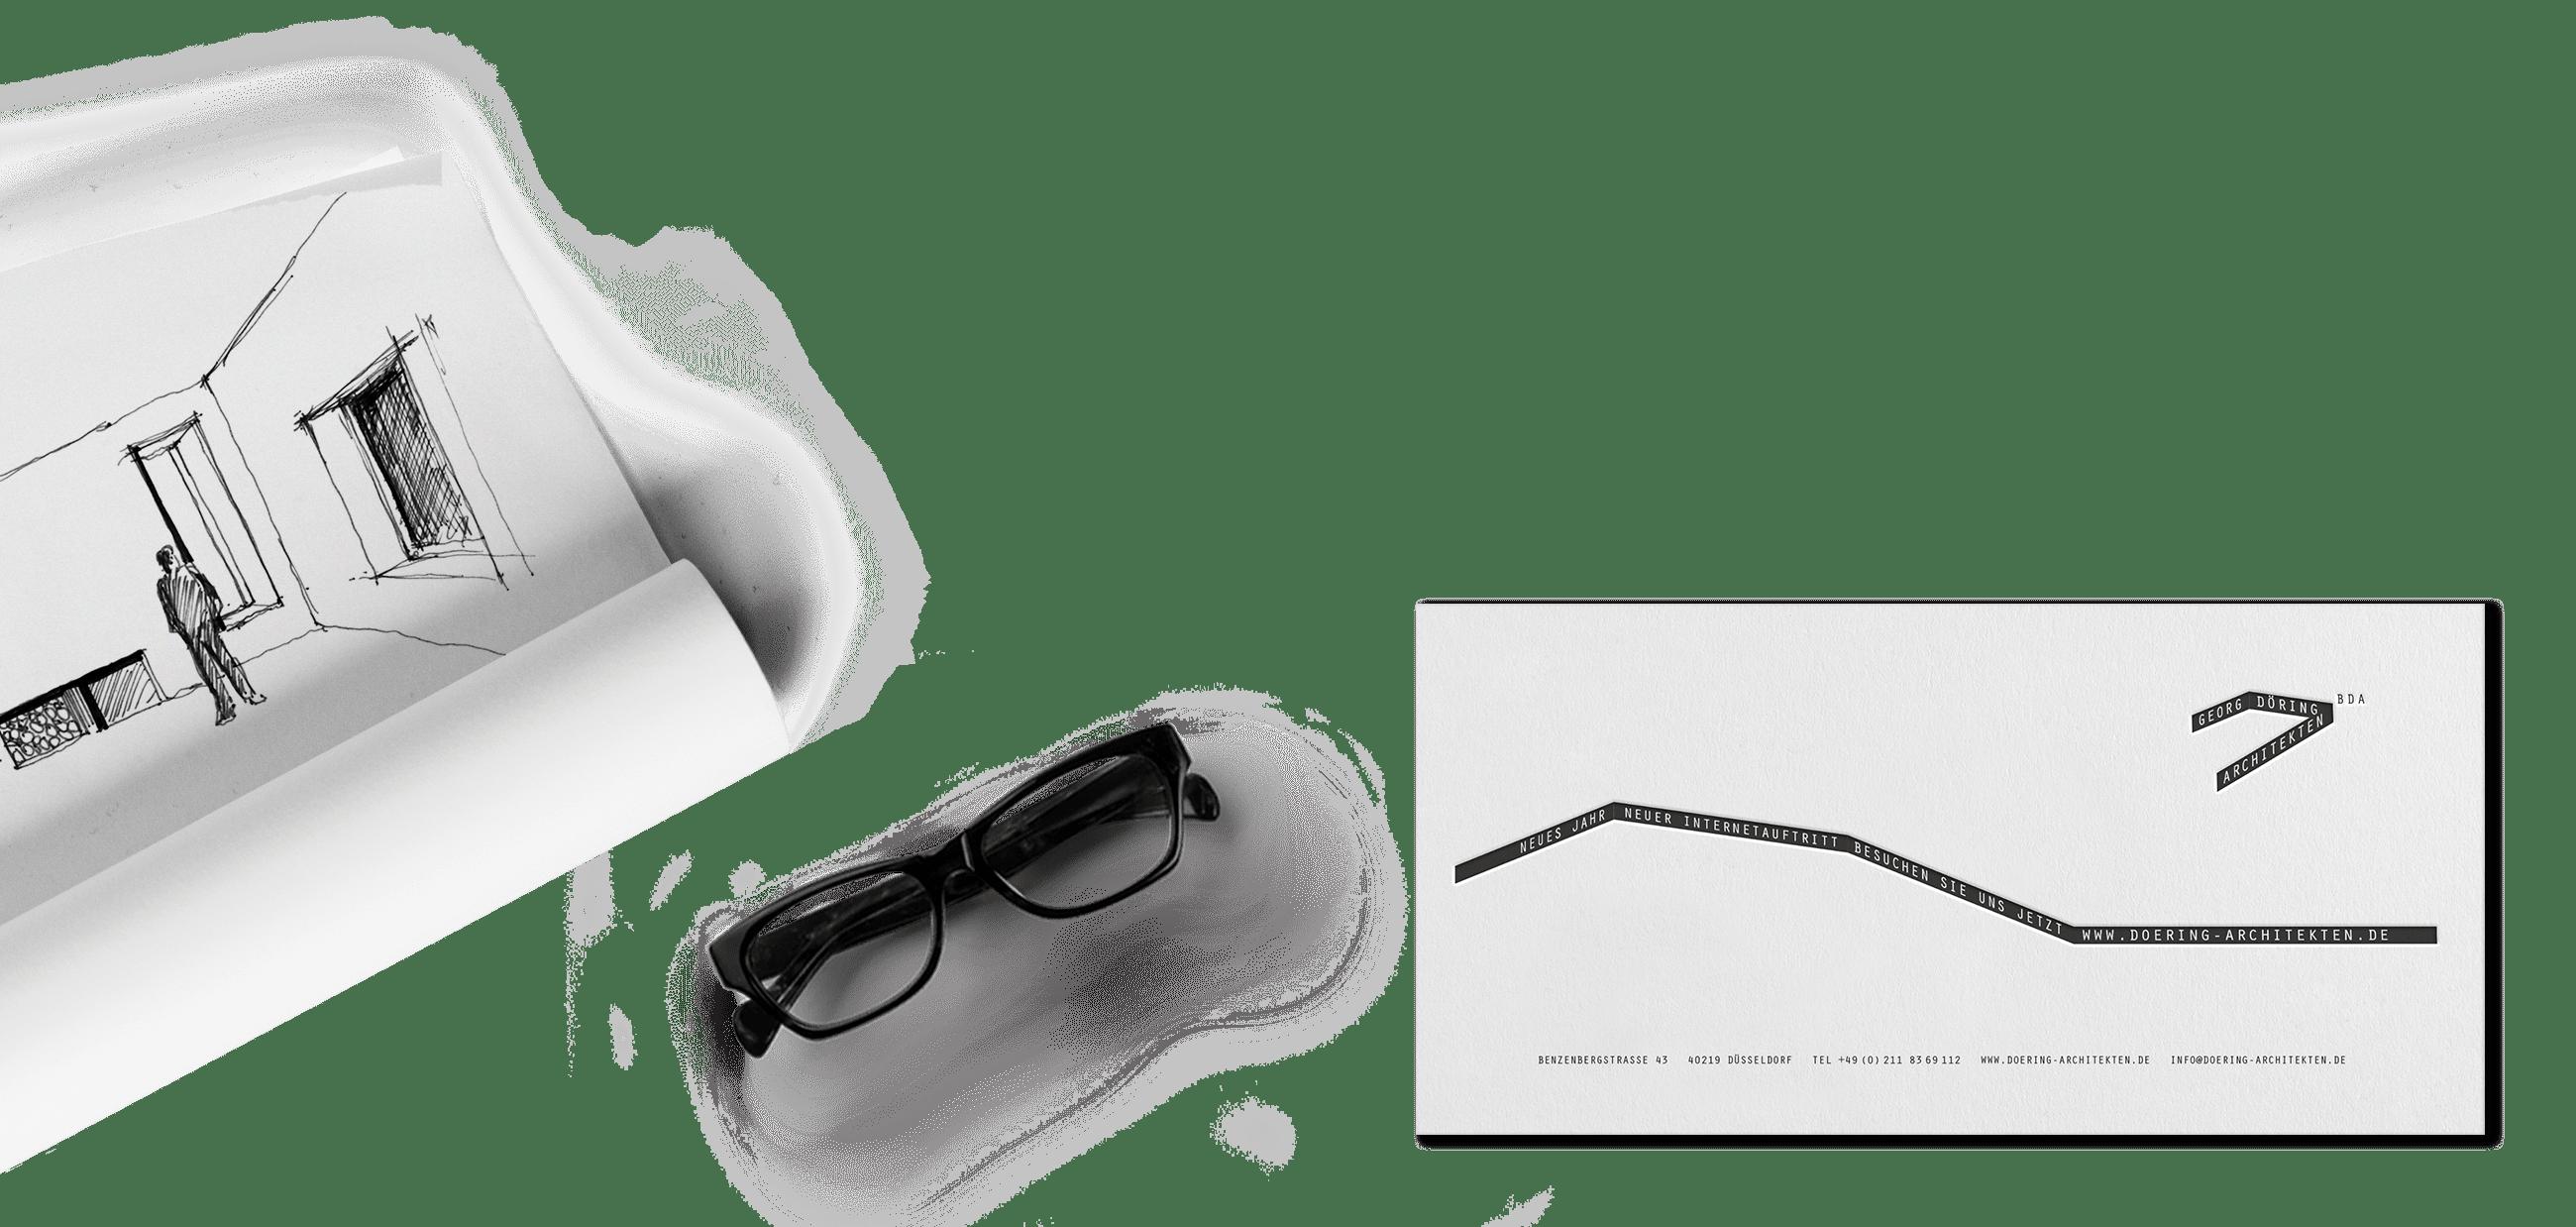 Print-Medien | Corporate Design Döring Architekten – ZWEIPRO Werbeagentur für Architekten